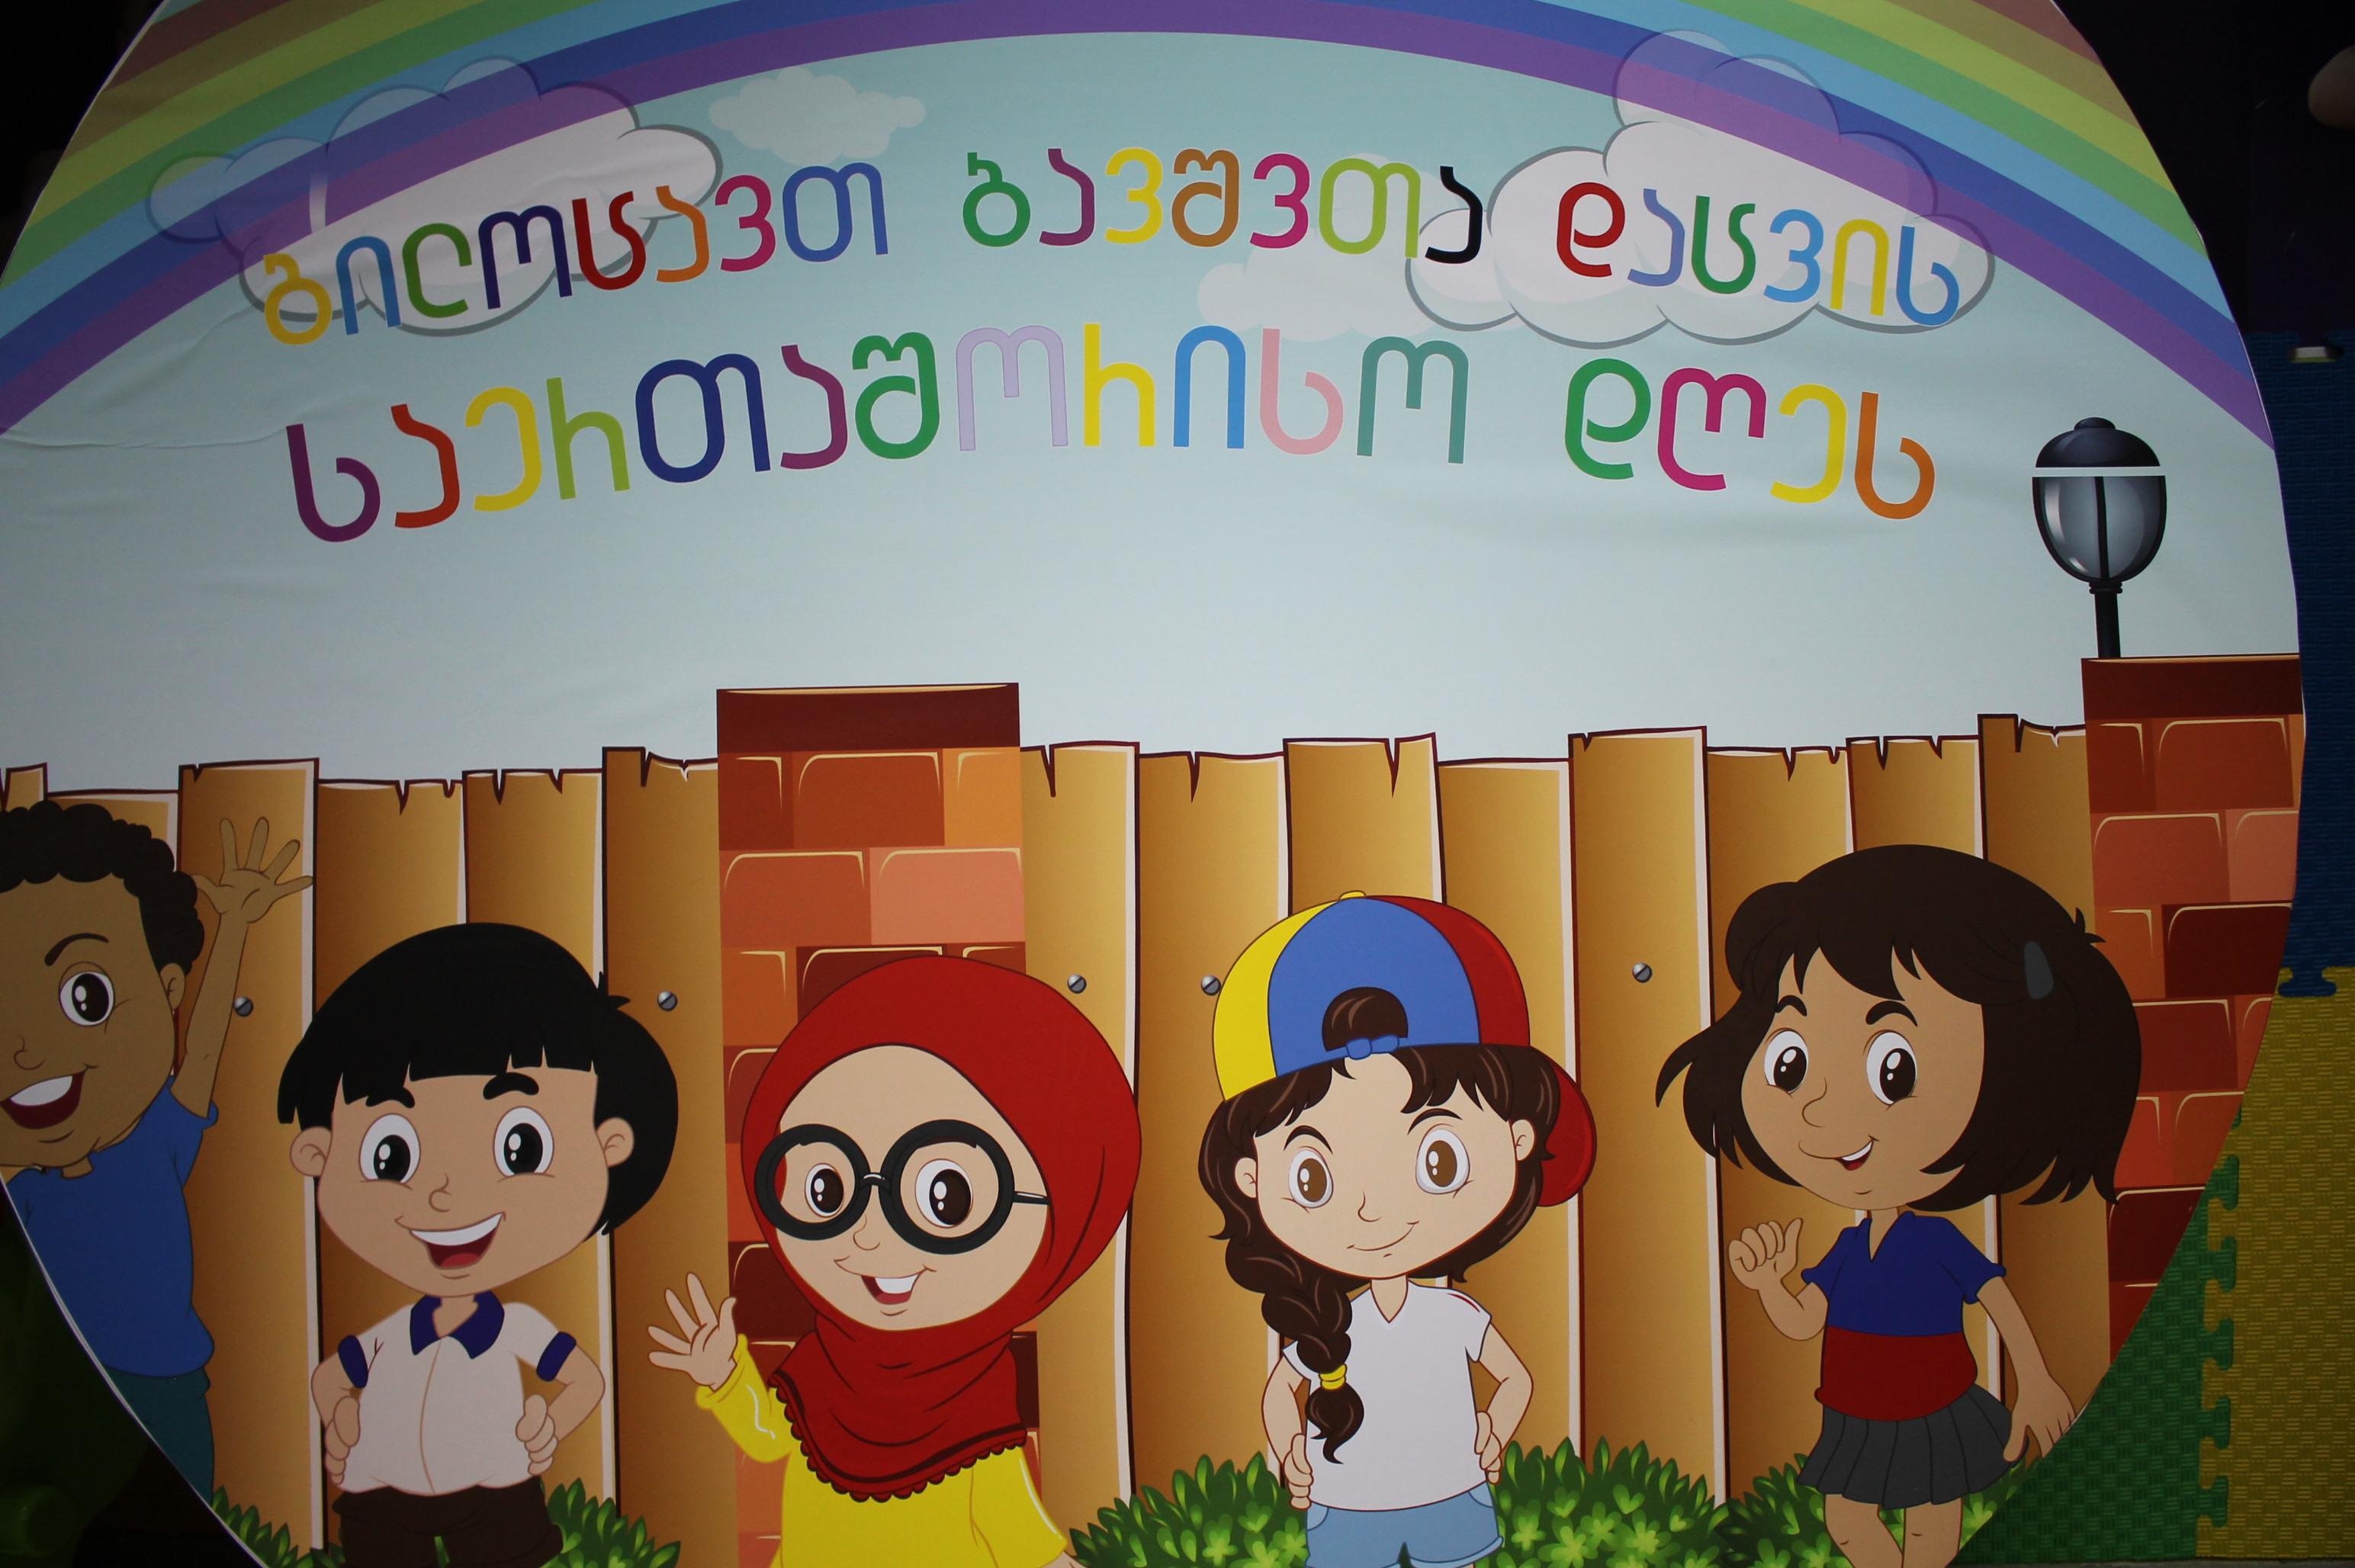 ბავშვთა დაცვის საერთაშორისო დღე კარფურში